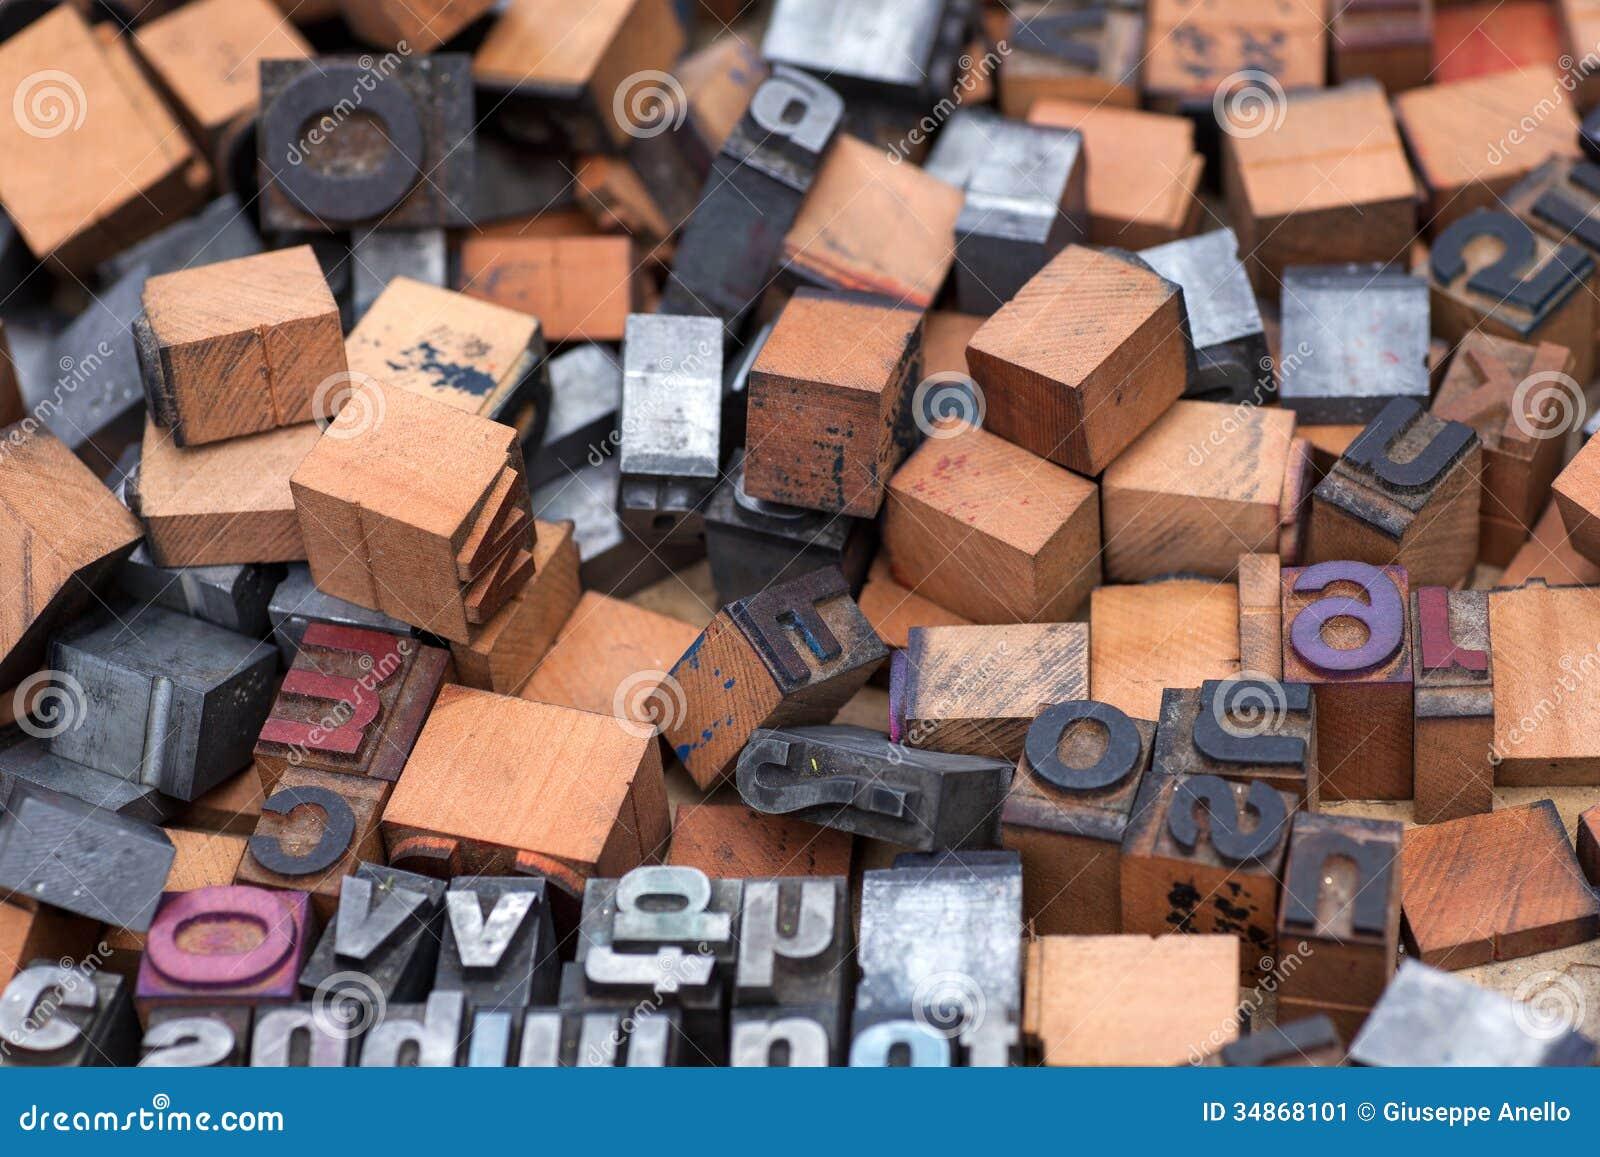 Aphabet-Stempel, Blockschrift